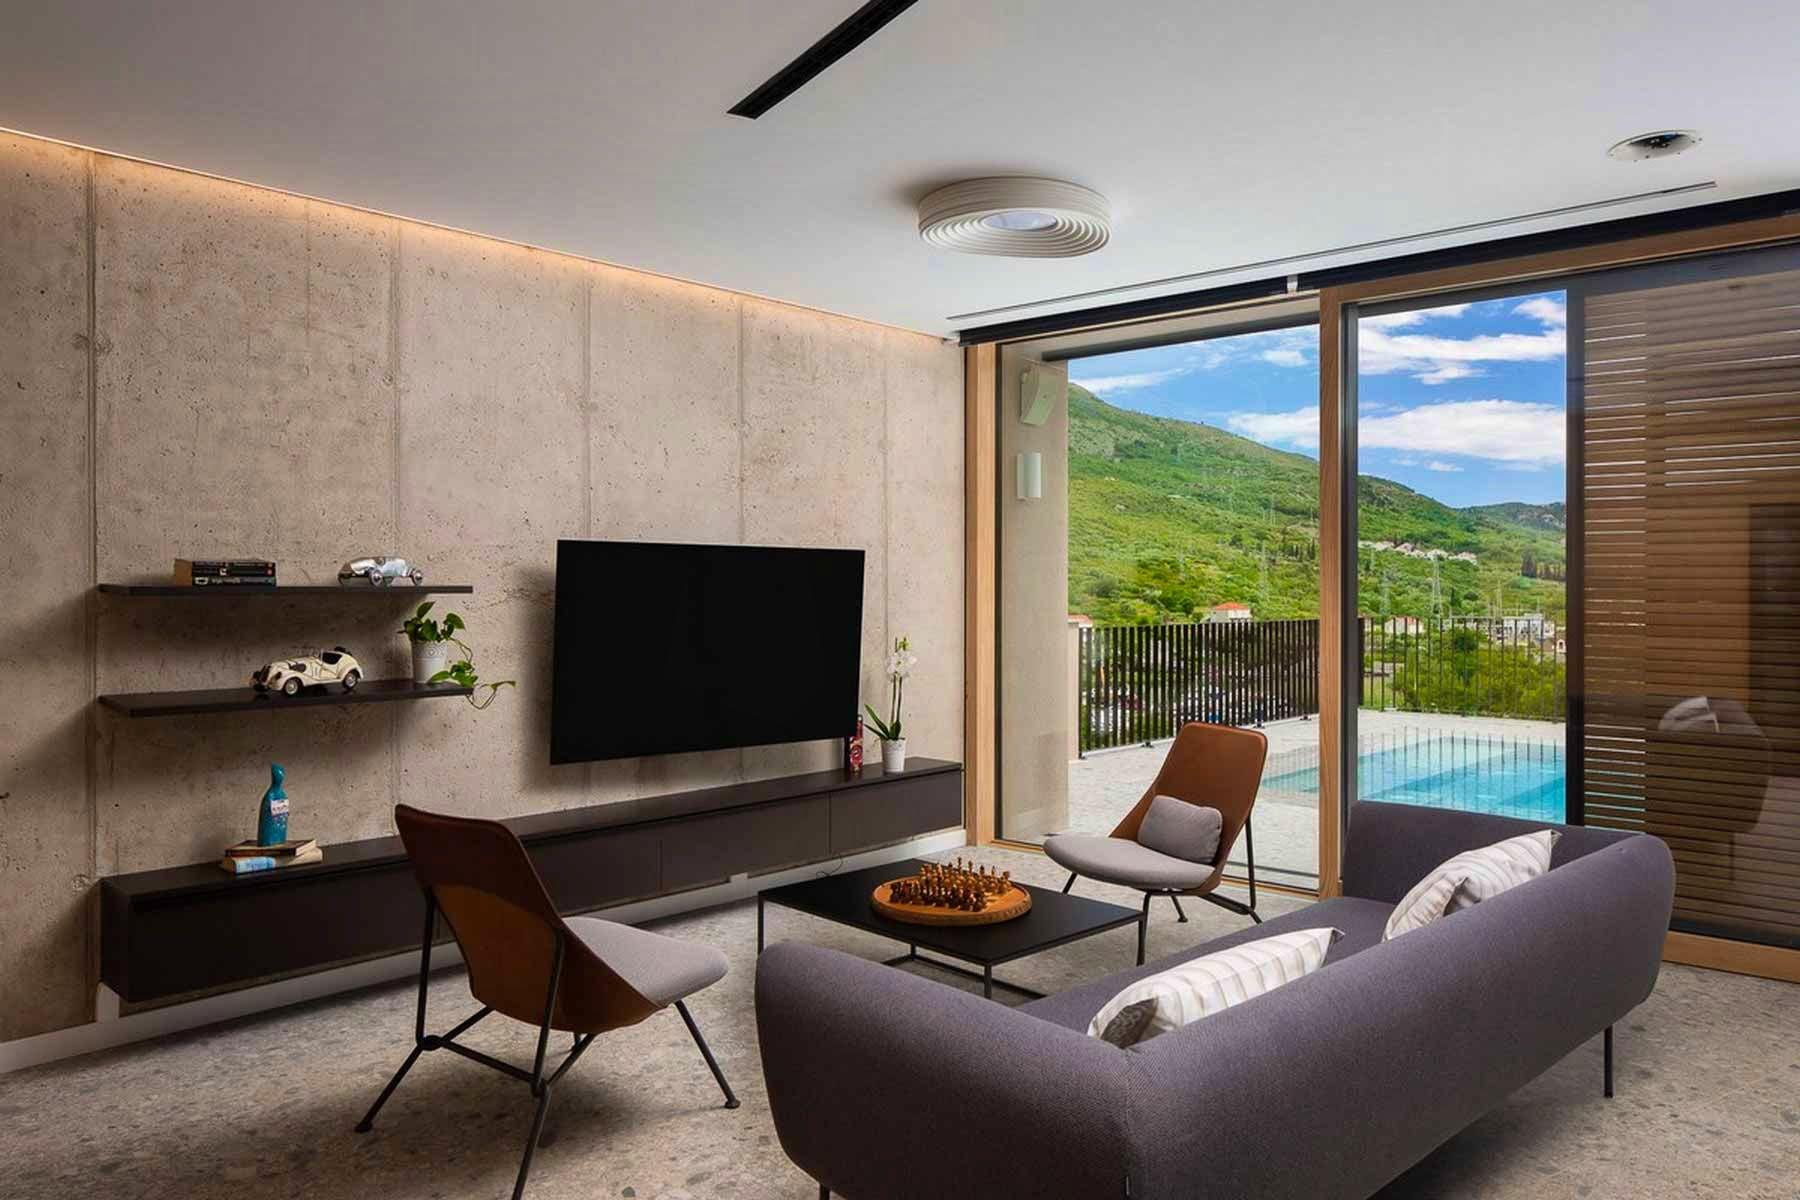 Modern design of the living room